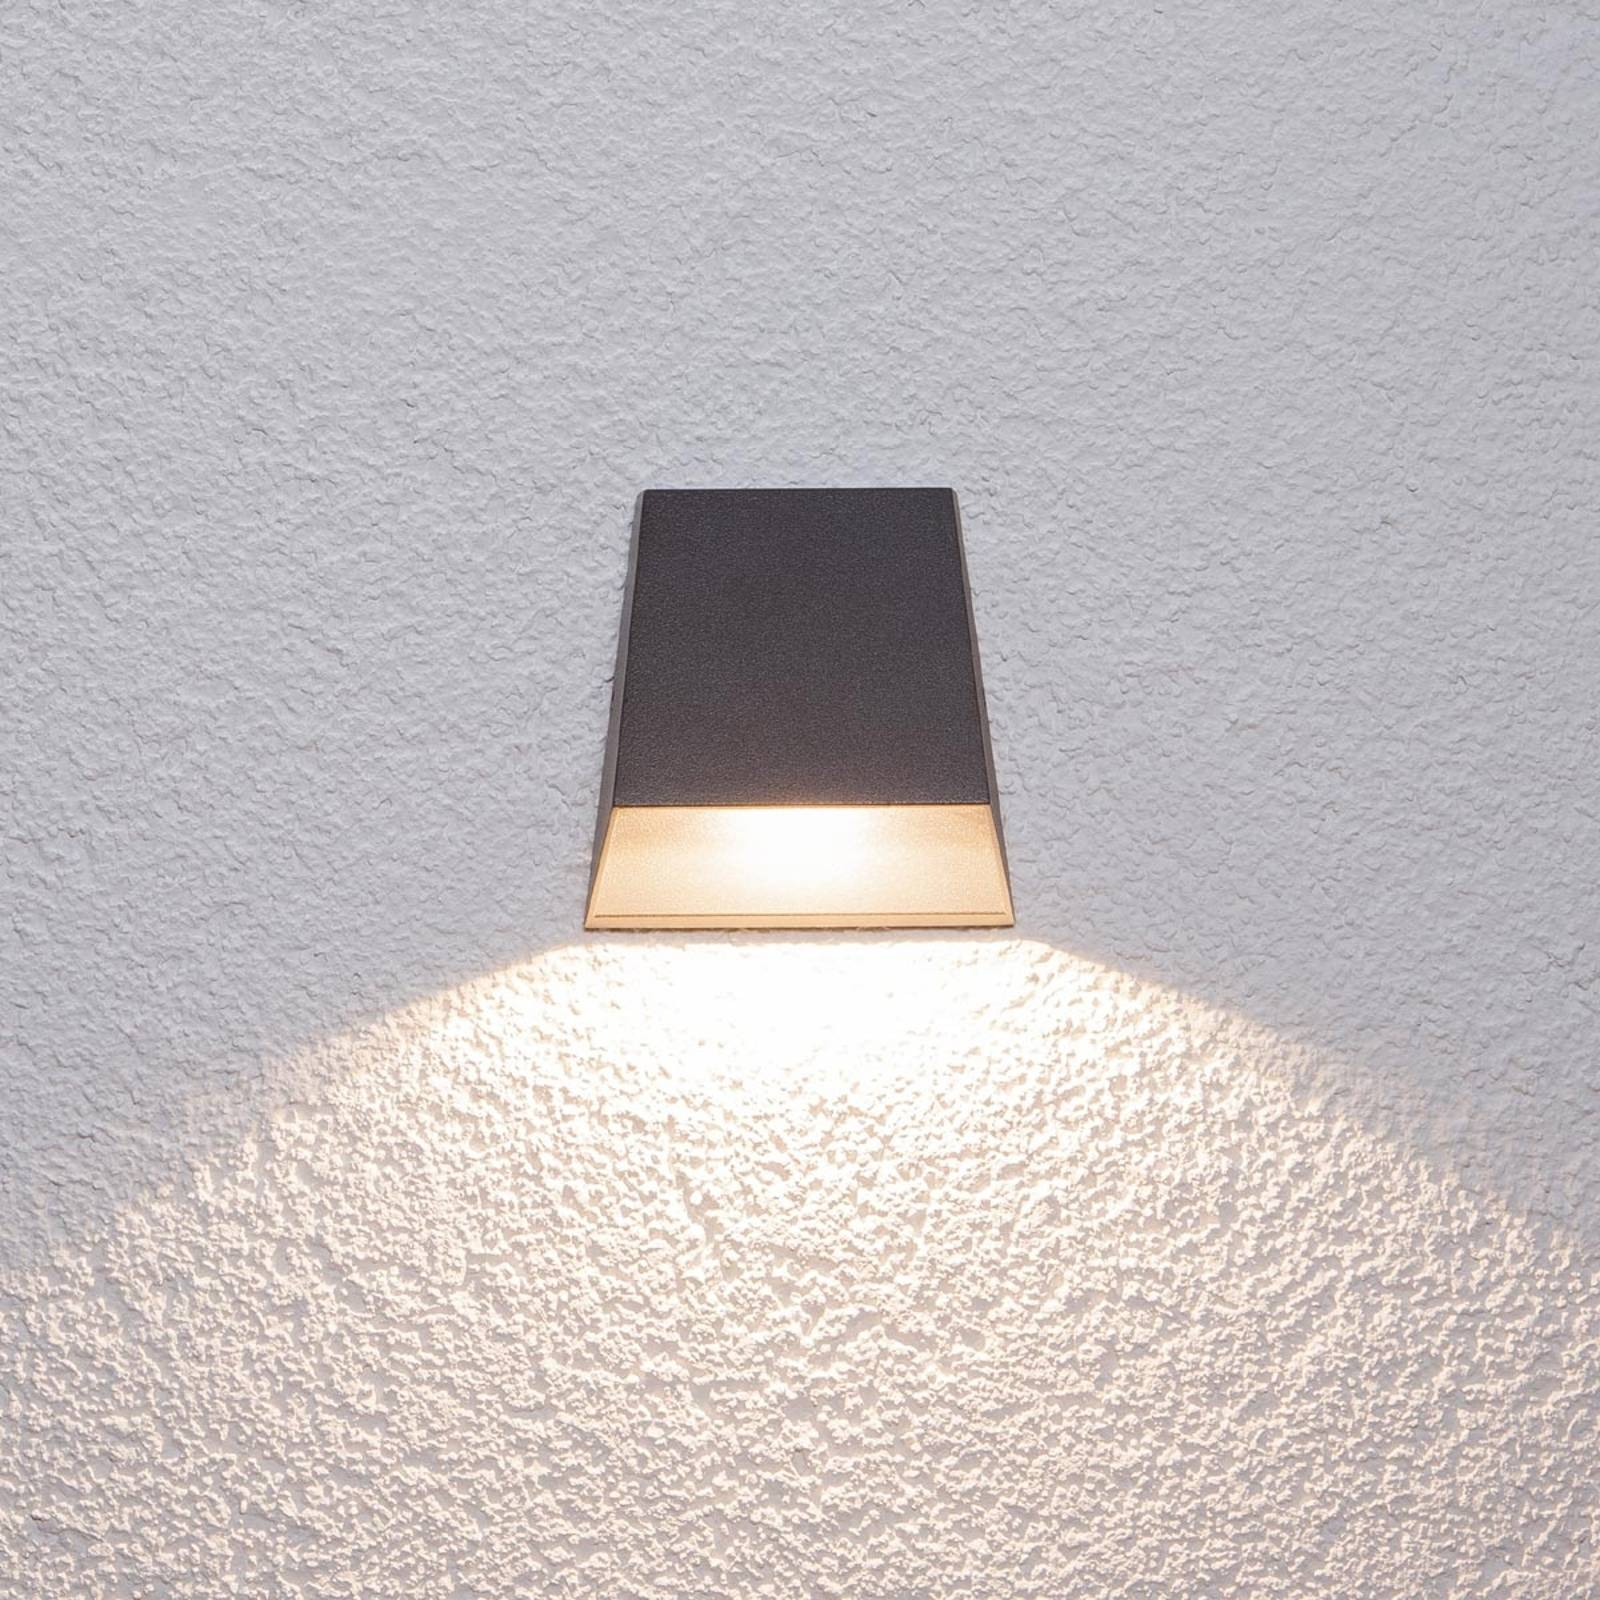 Laajasti loistava Hanno-ulkoseinävalaisin LEDeillä